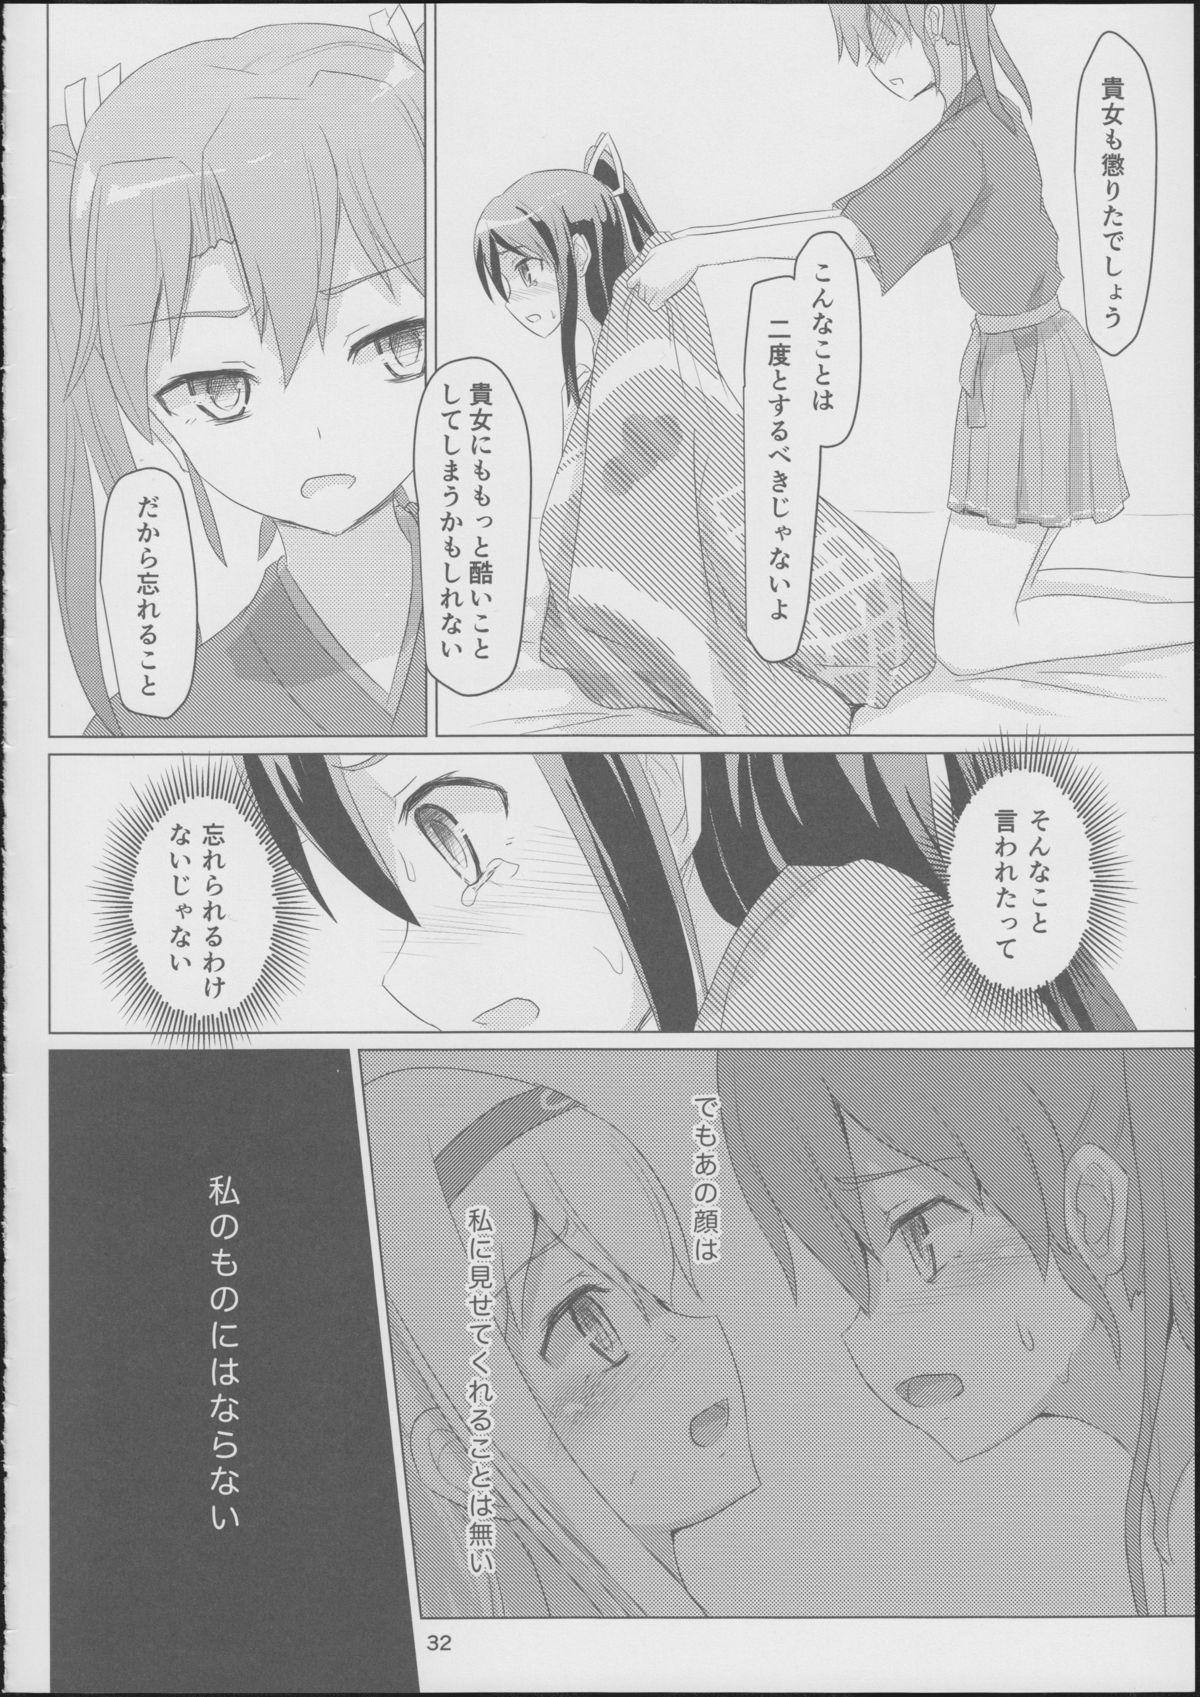 Katsuragi to Zuikaku to 30